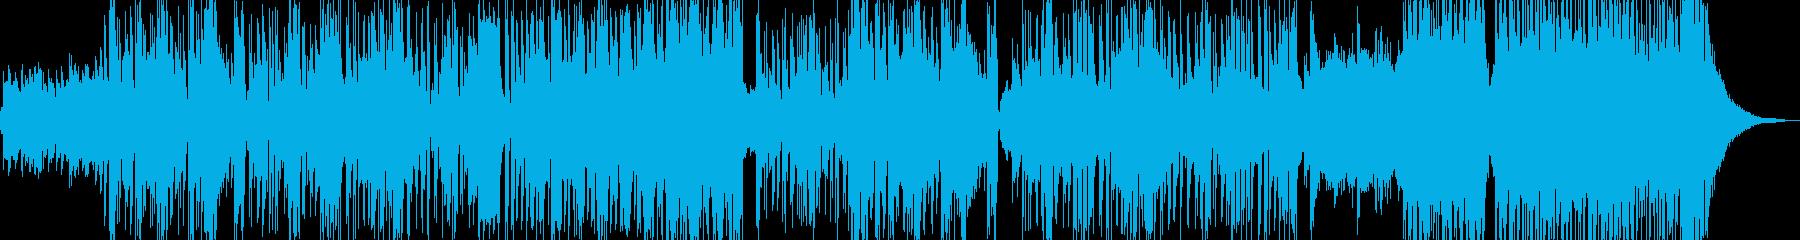 新鮮な空気感の演出・クールなビート Cの再生済みの波形